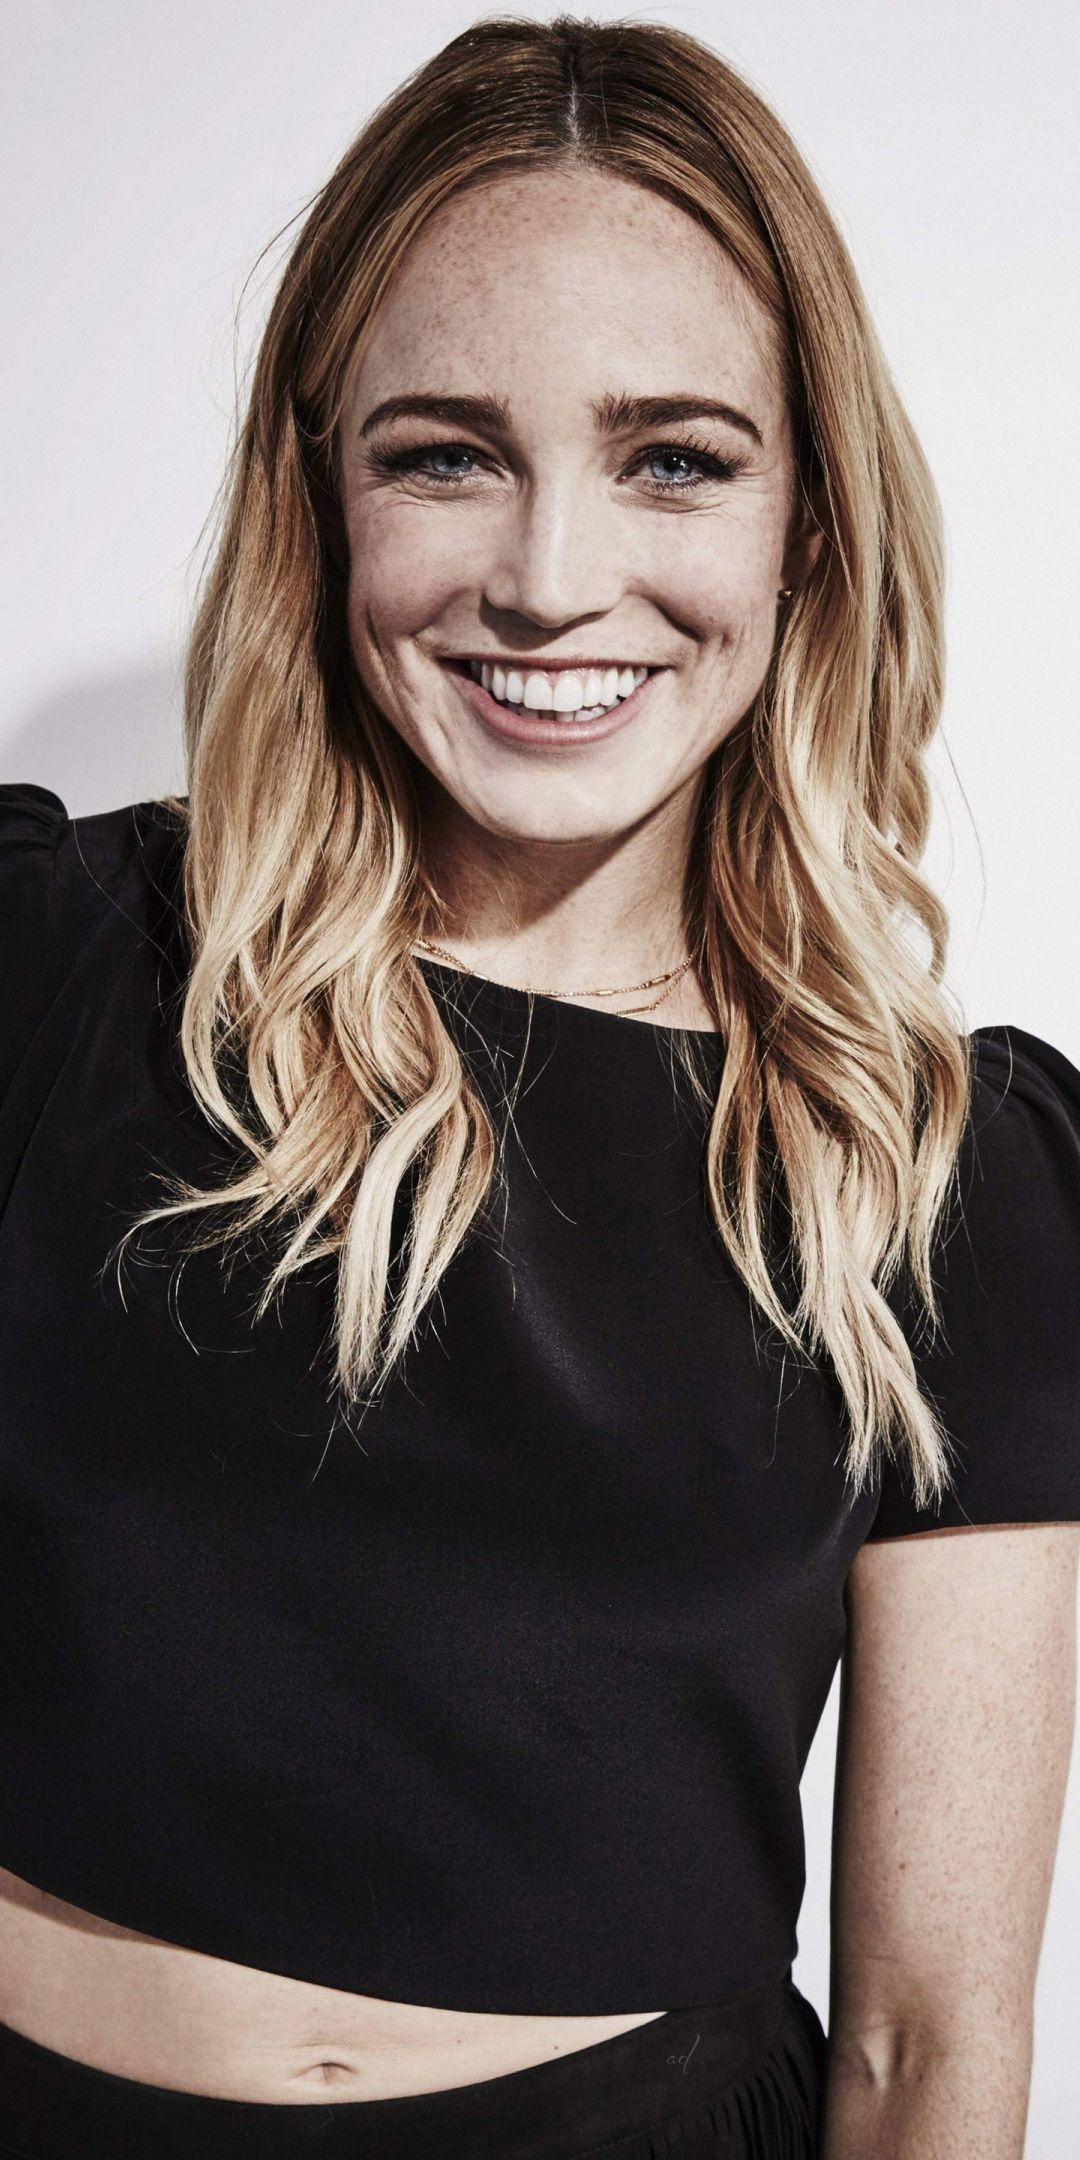 Smile Celebrity Blonde Black Cloths Caity Lotz 1080x2160